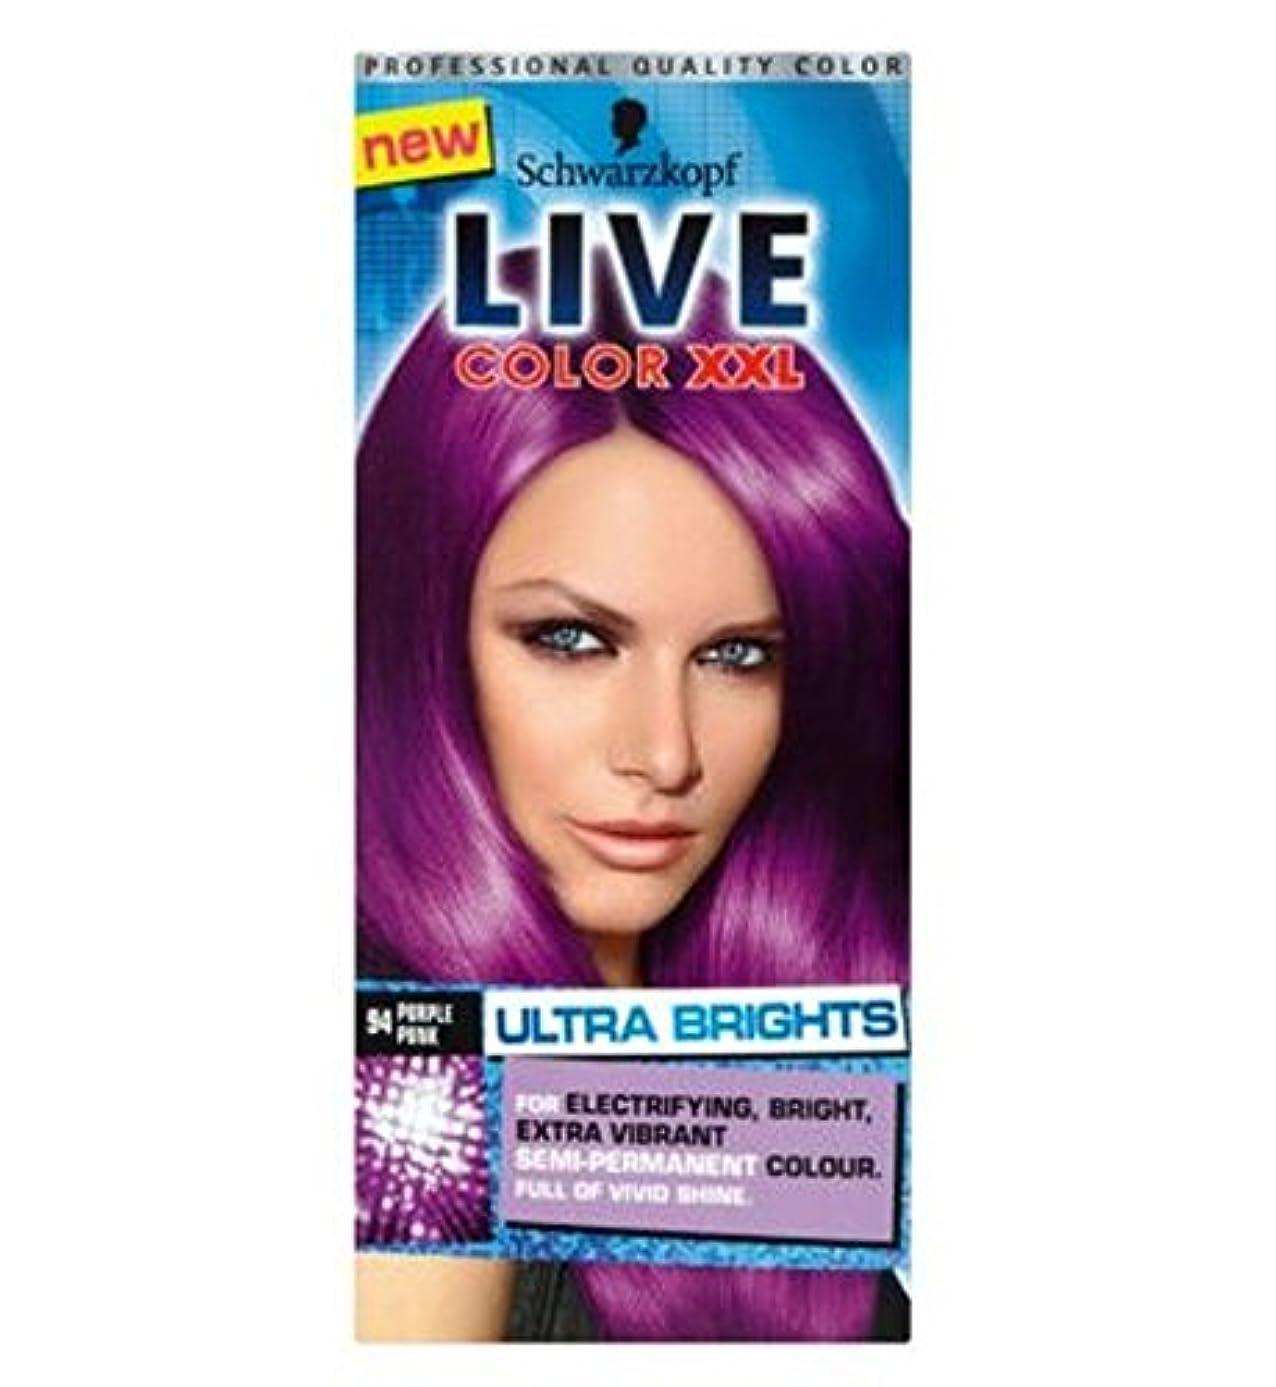 スペイン広がり決定するシュワルツコフライブカラーXxl超輝94紫パンク半永久的な紫色の染毛剤 (Schwarzkopf) (x2) - Schwarzkopf LIVE Color XXL Ultra Brights 94 Purple Punk Semi-Permanent Purple Hair Dye (Pack of 2) [並行輸入品]